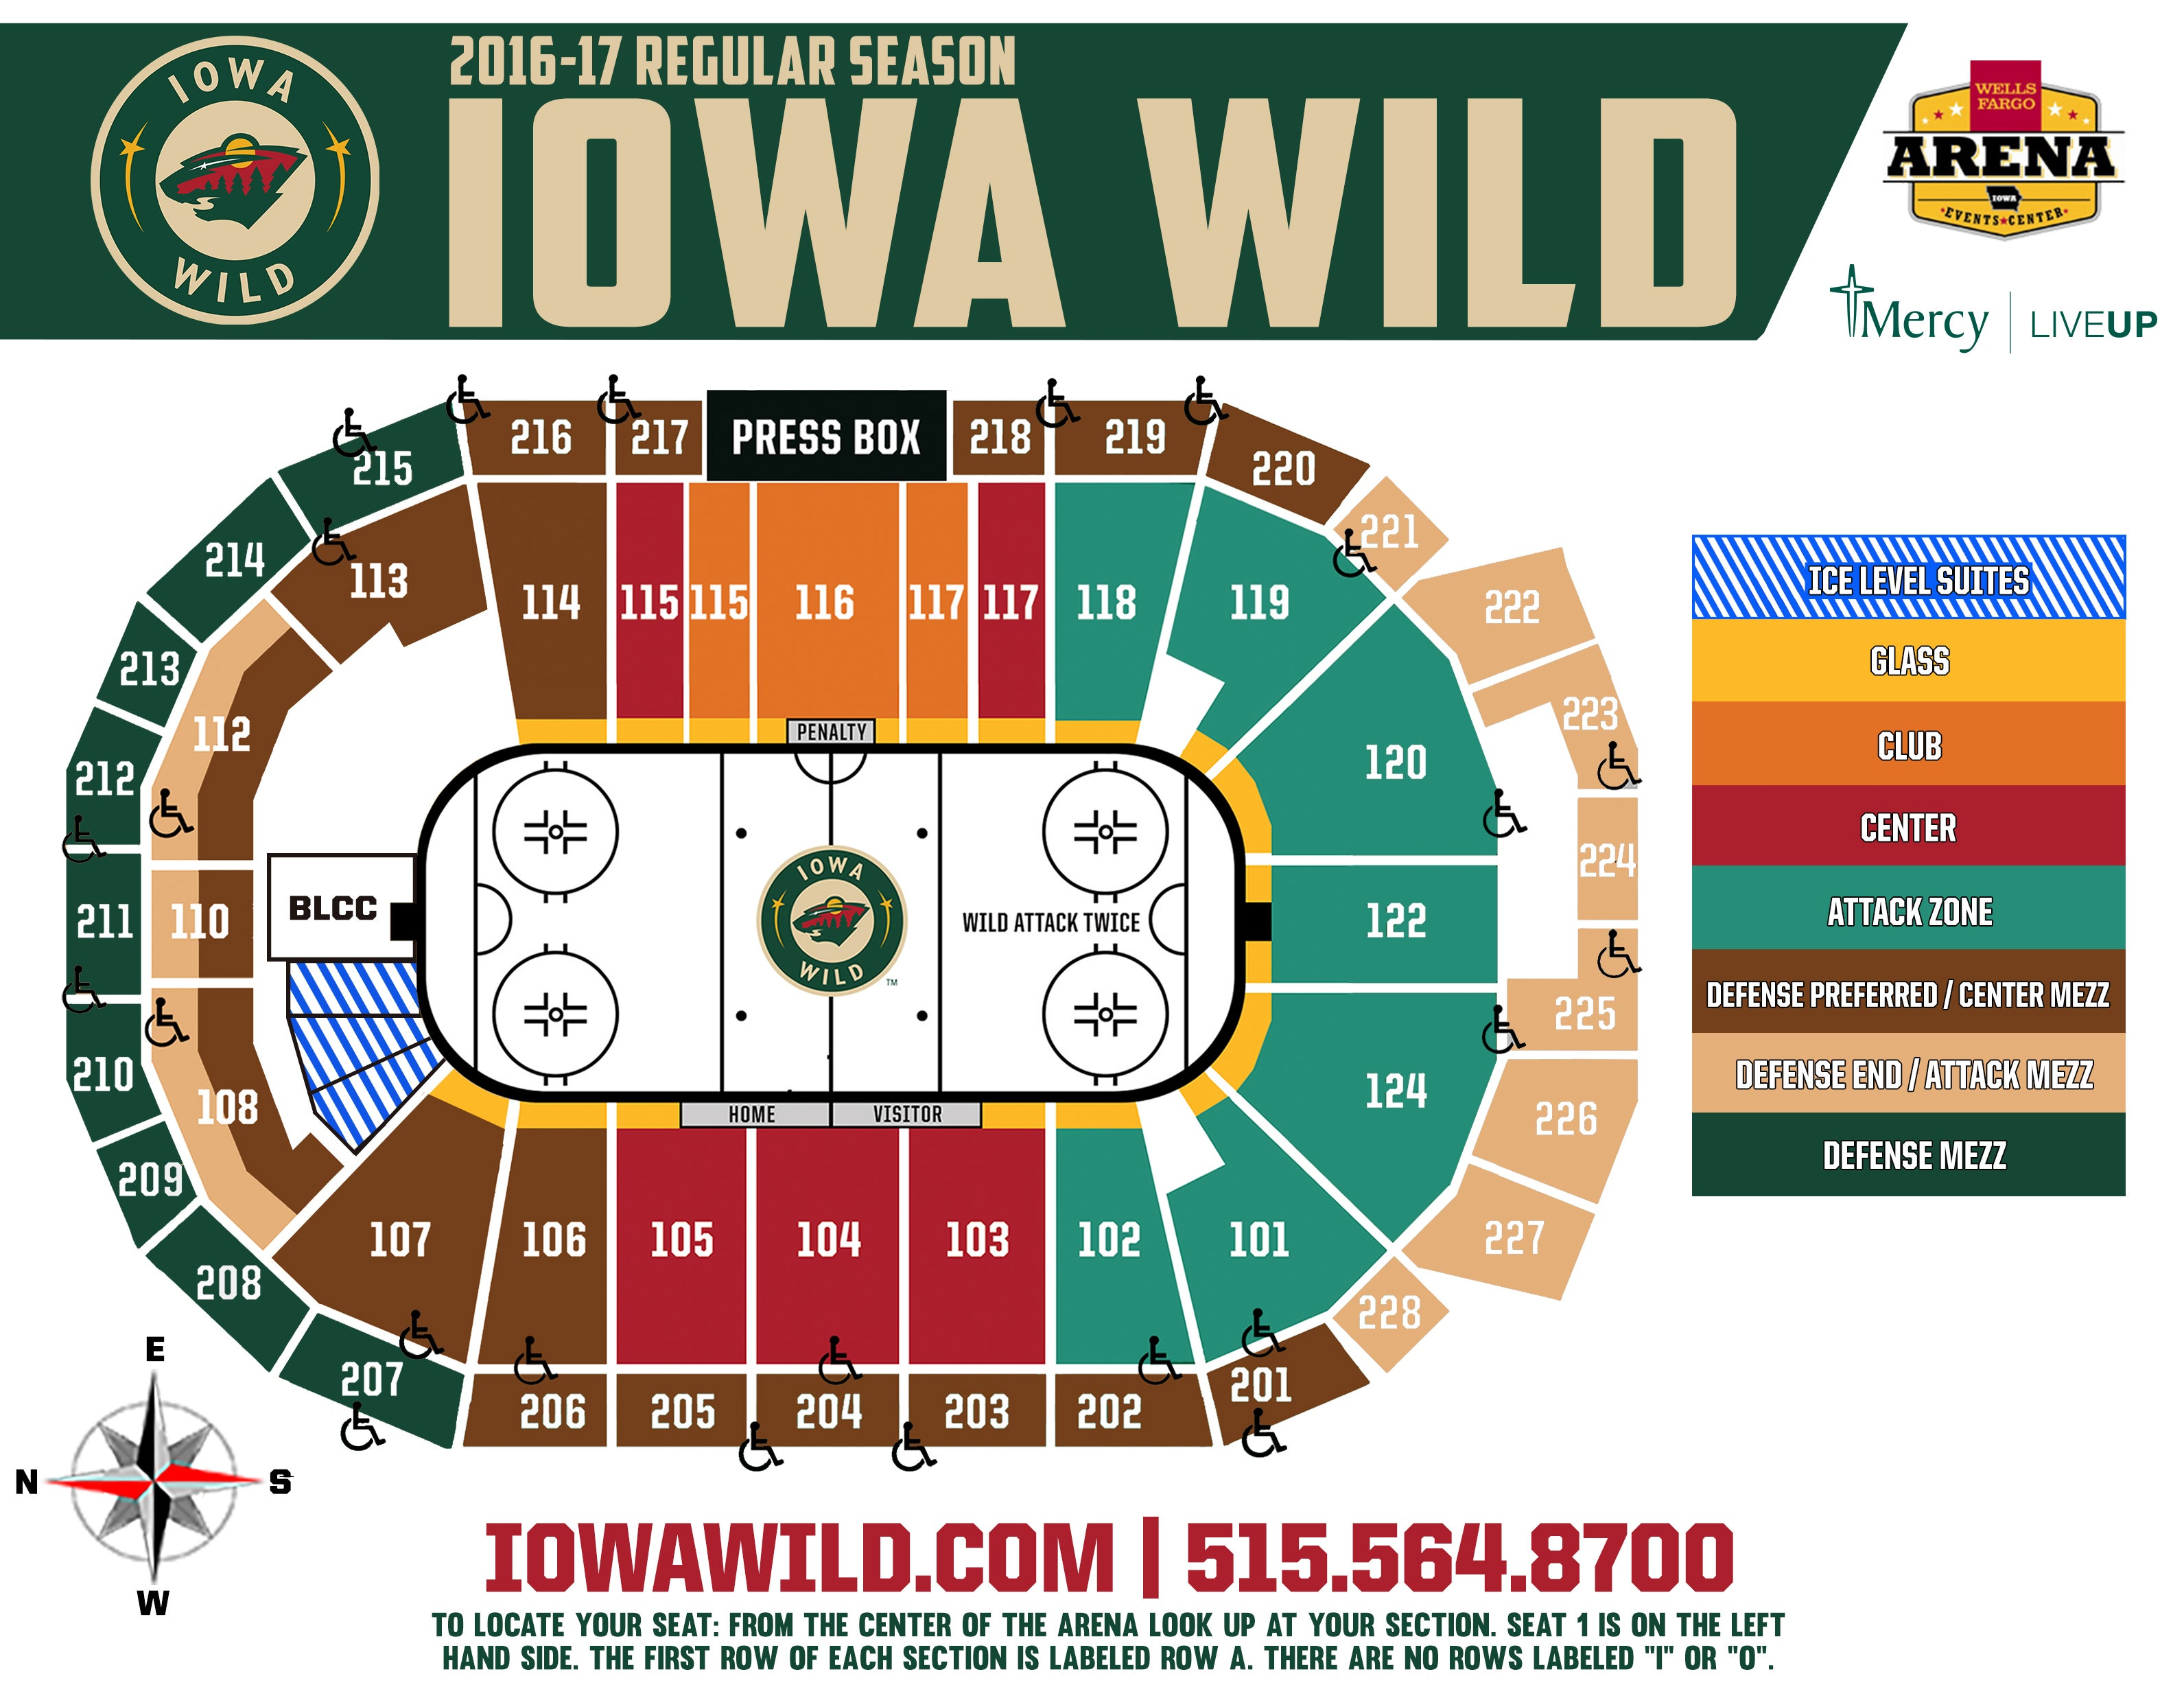 Iowa Wild 2016-2017